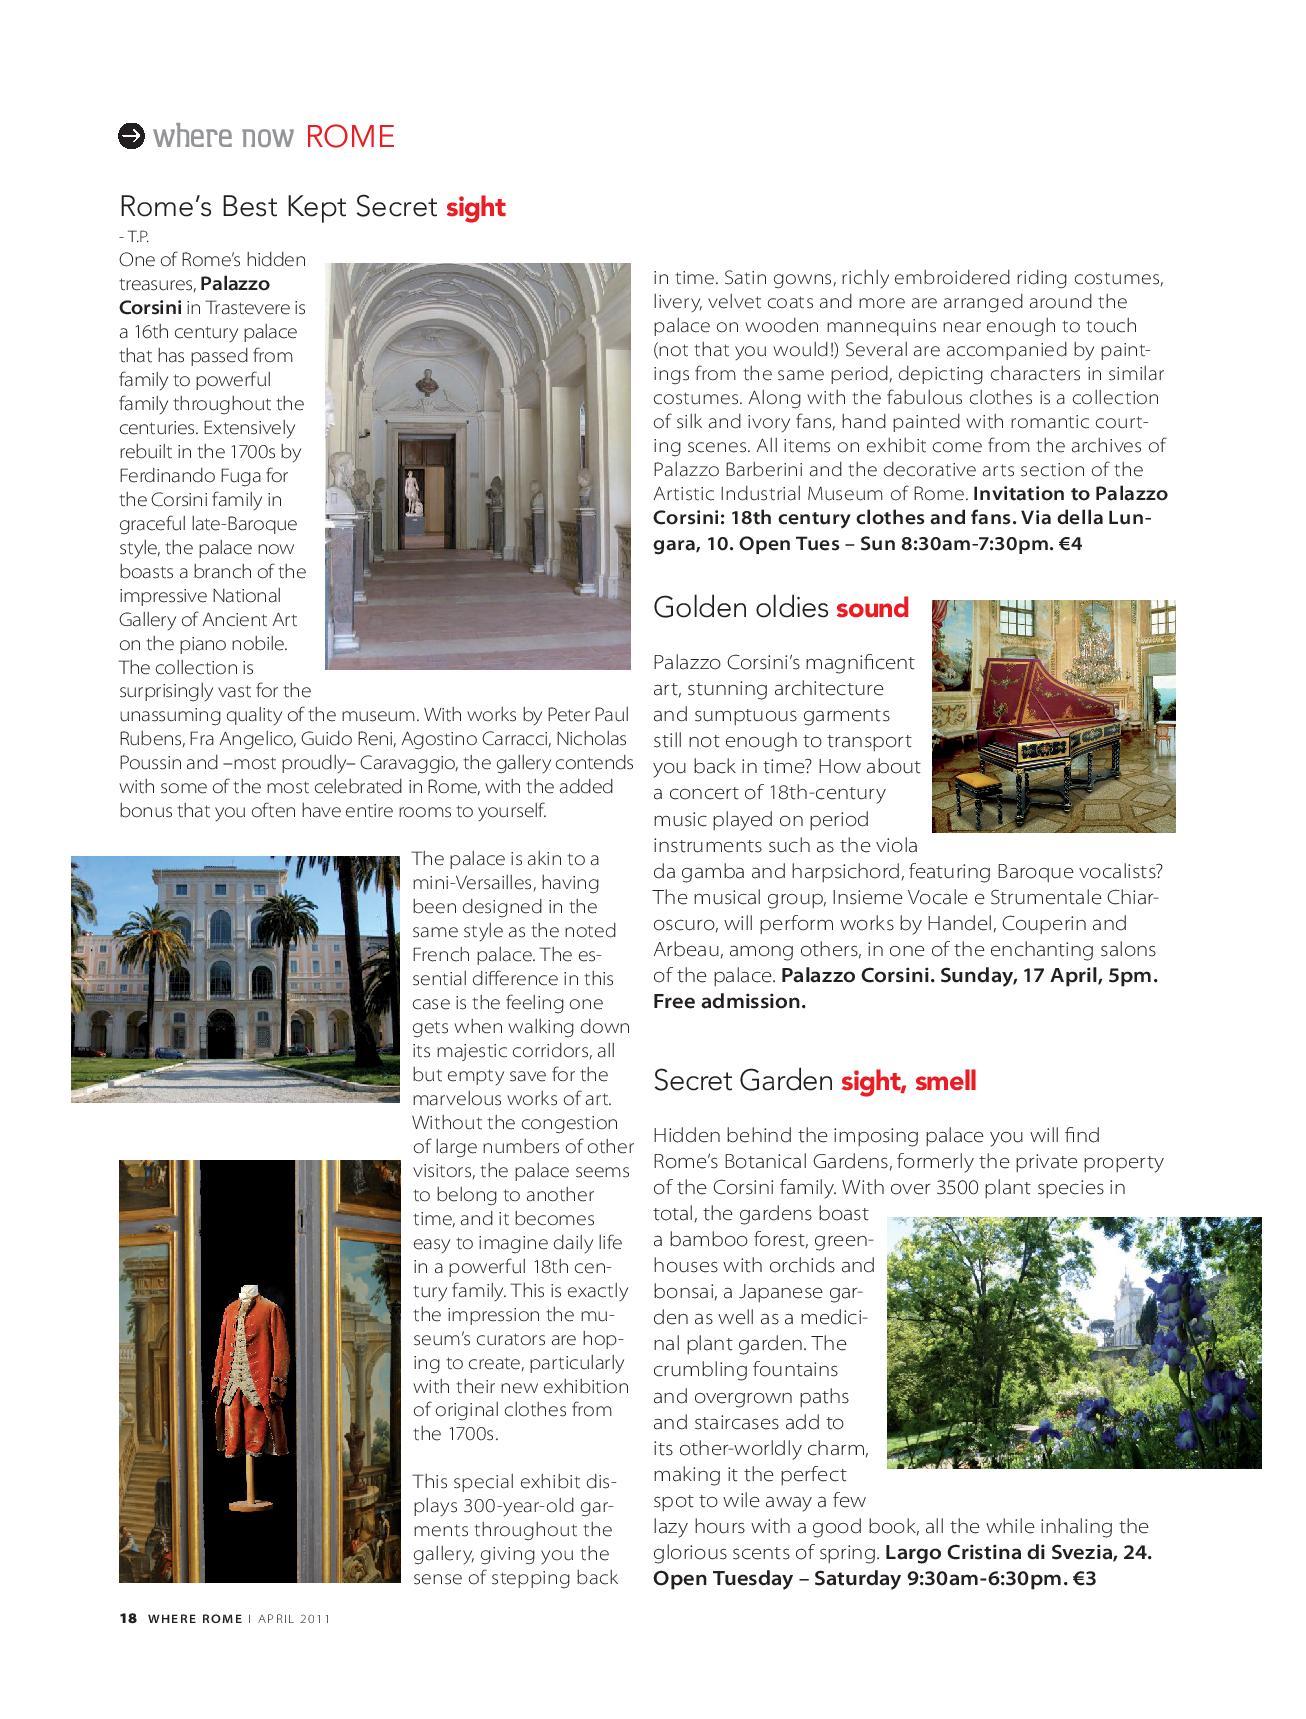 Rome s-best-kept secret-Palazzo-Corsini-where-rome-apr-2011-page-001.jpg